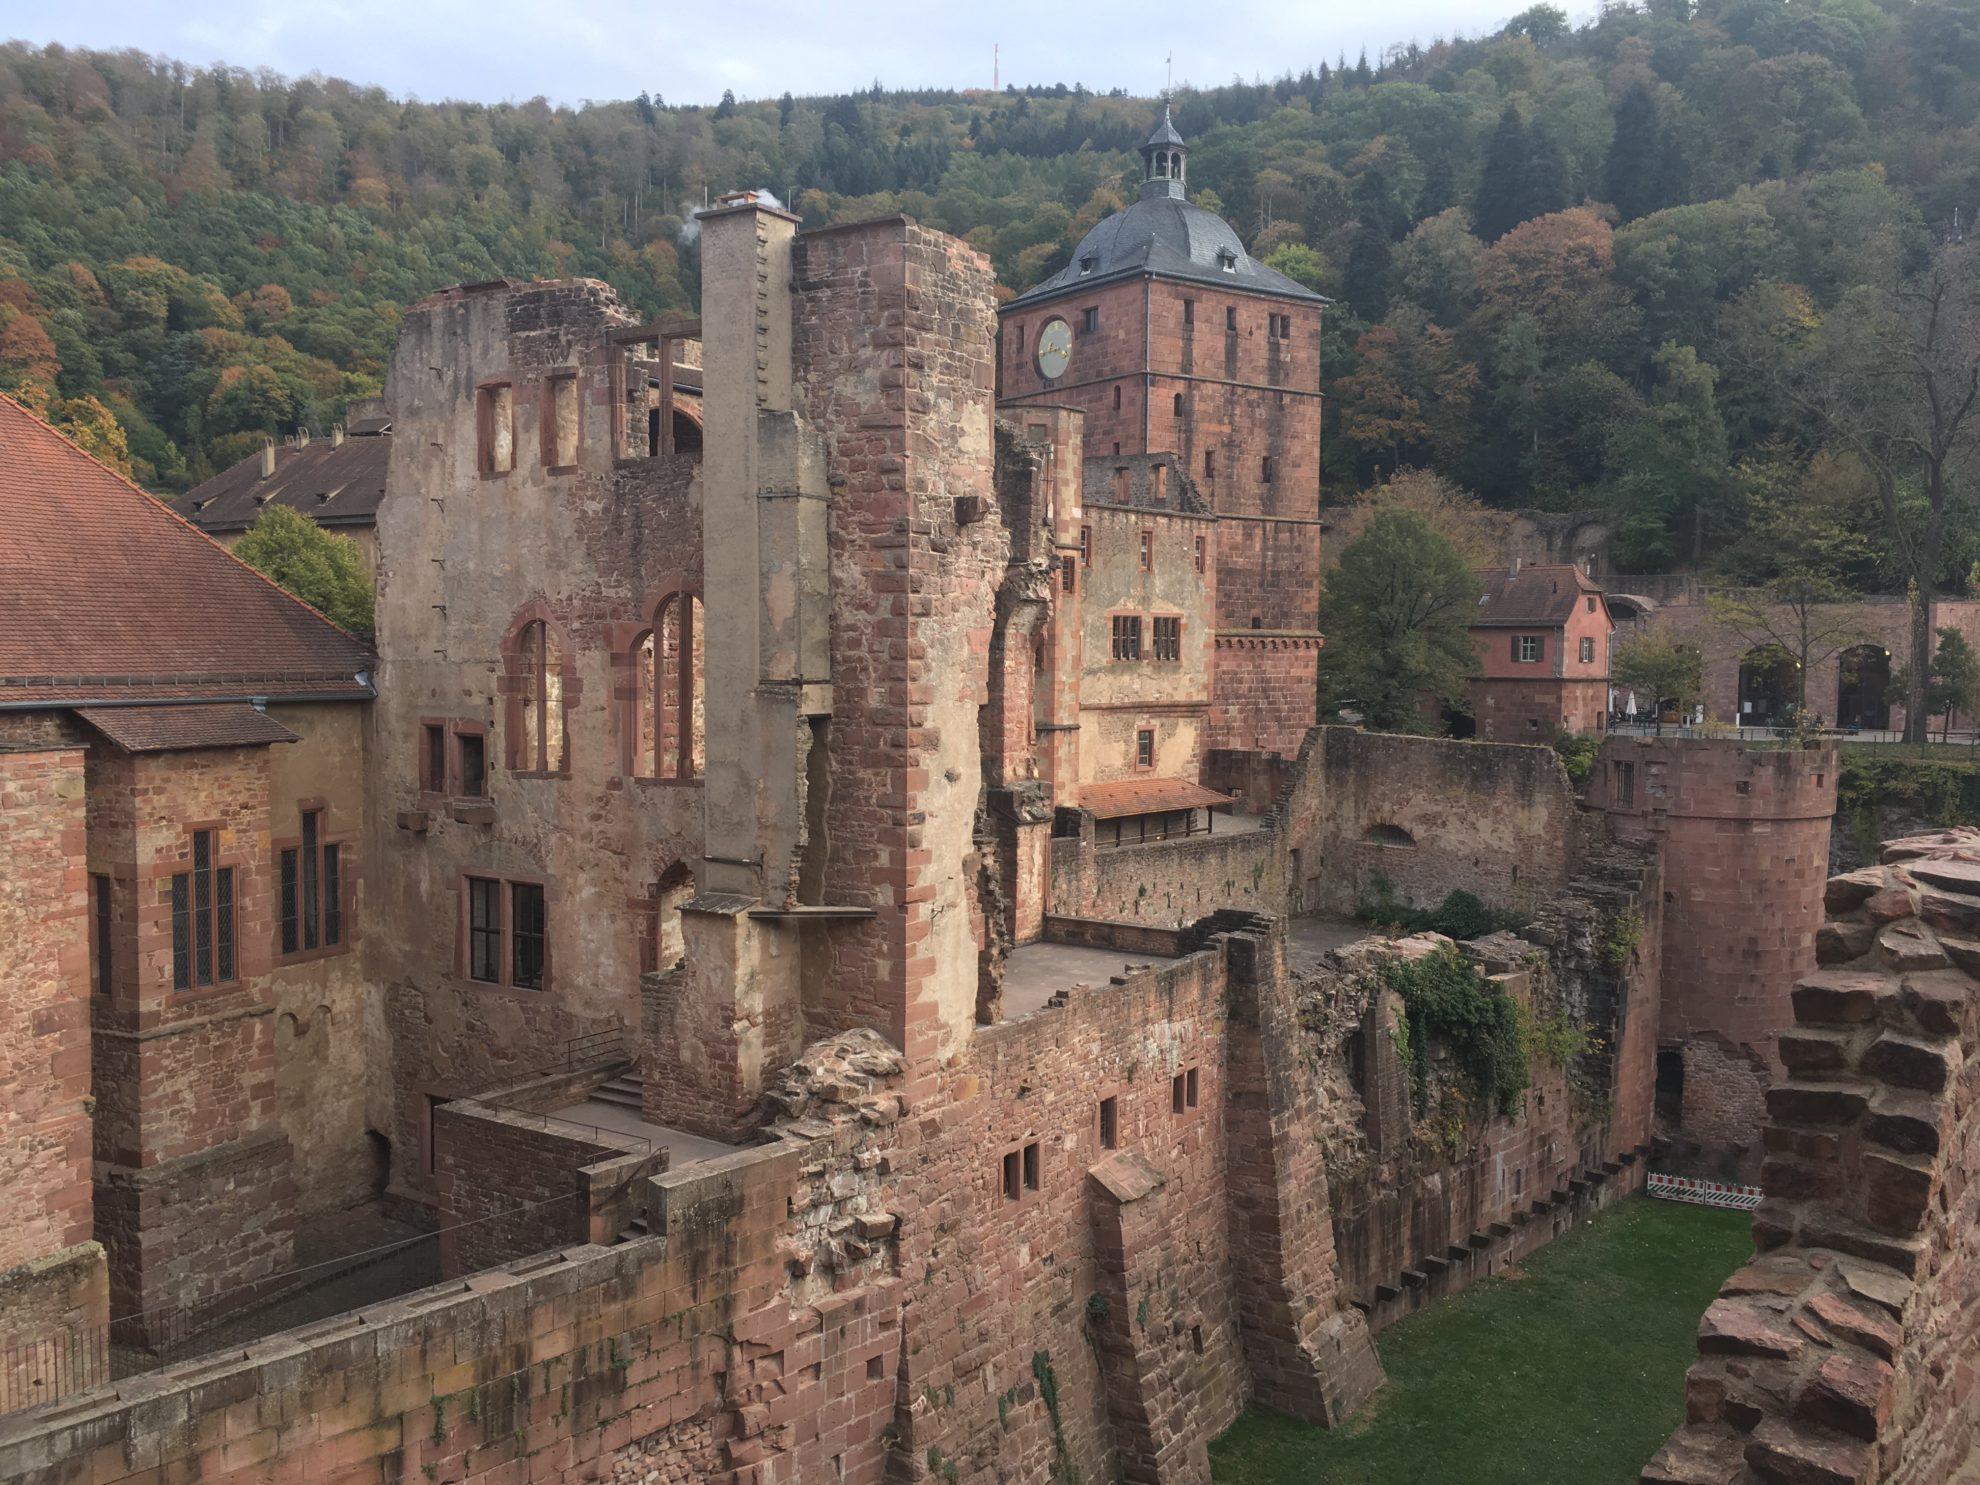 Heidlelberg Schloss mit Hirschgraben